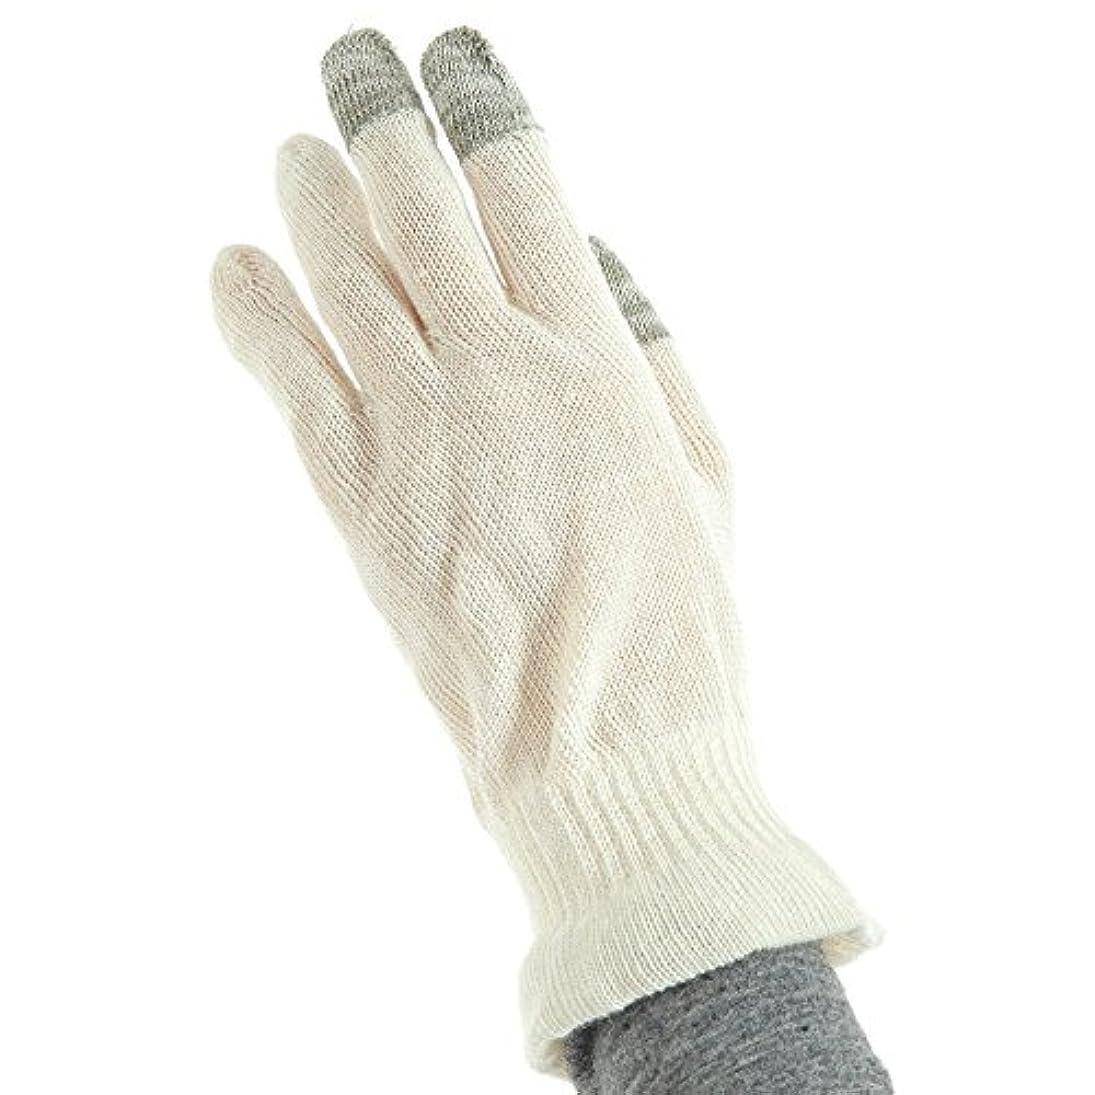 平等幾何学開業医麻福 ヘンプ おやすみ 手袋 スマホ対応 男性用 L きなり 天然 ヘンプ素材 (麻) タッチパネル スマートフォン対応 肌に優しい 乾燥対策